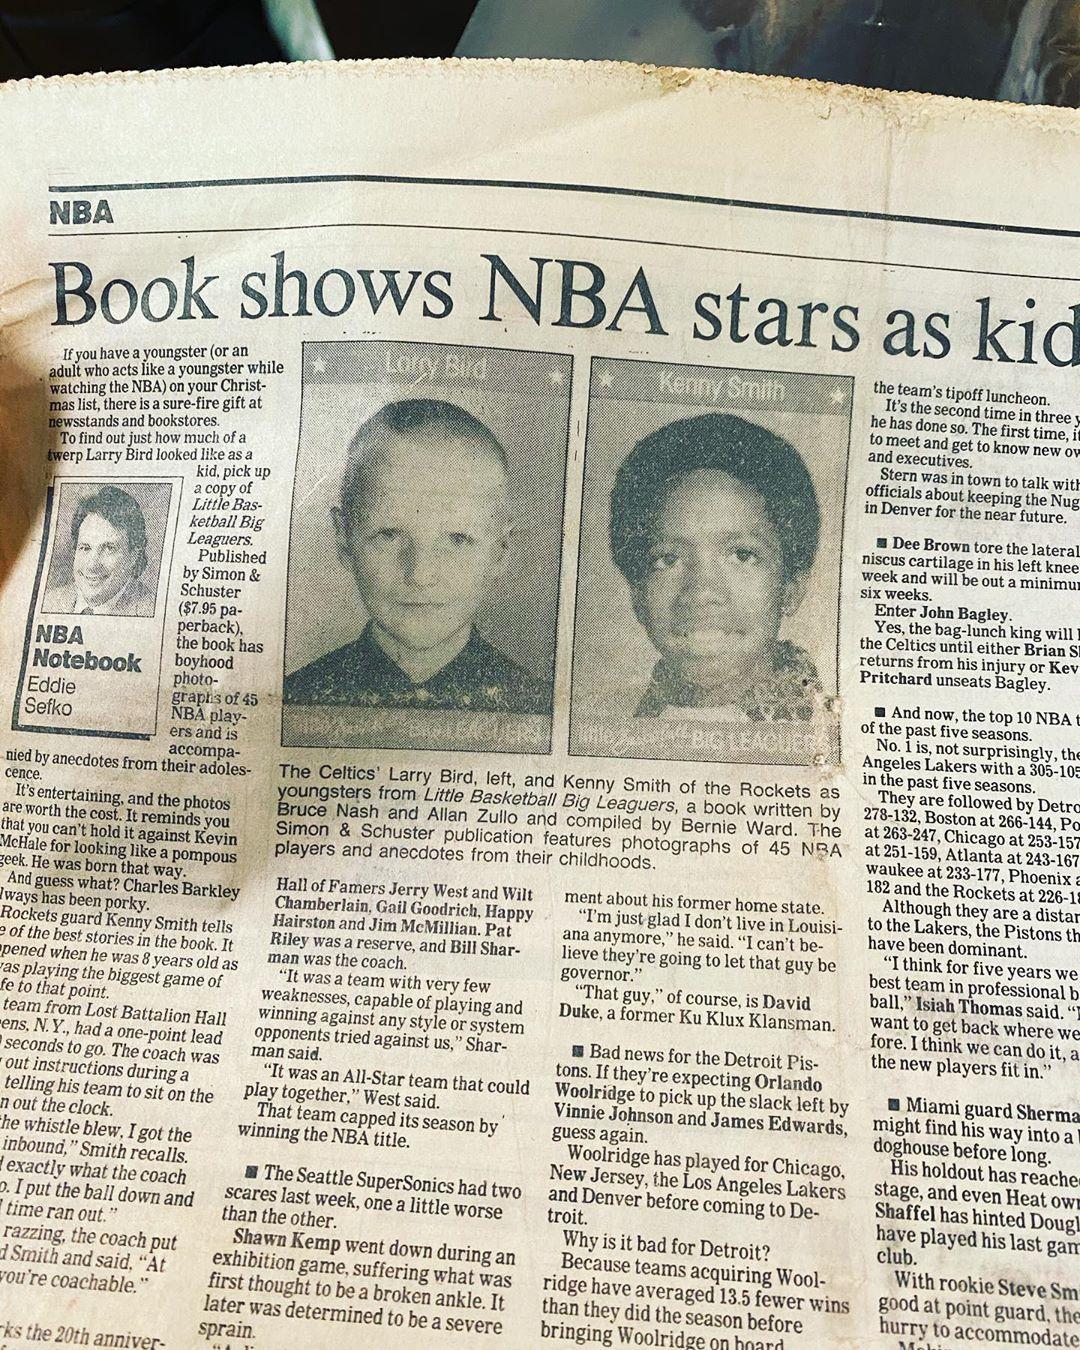 肯尼-史密斯更新Ins,晒印有自己和伯德童年时期的旧报纸